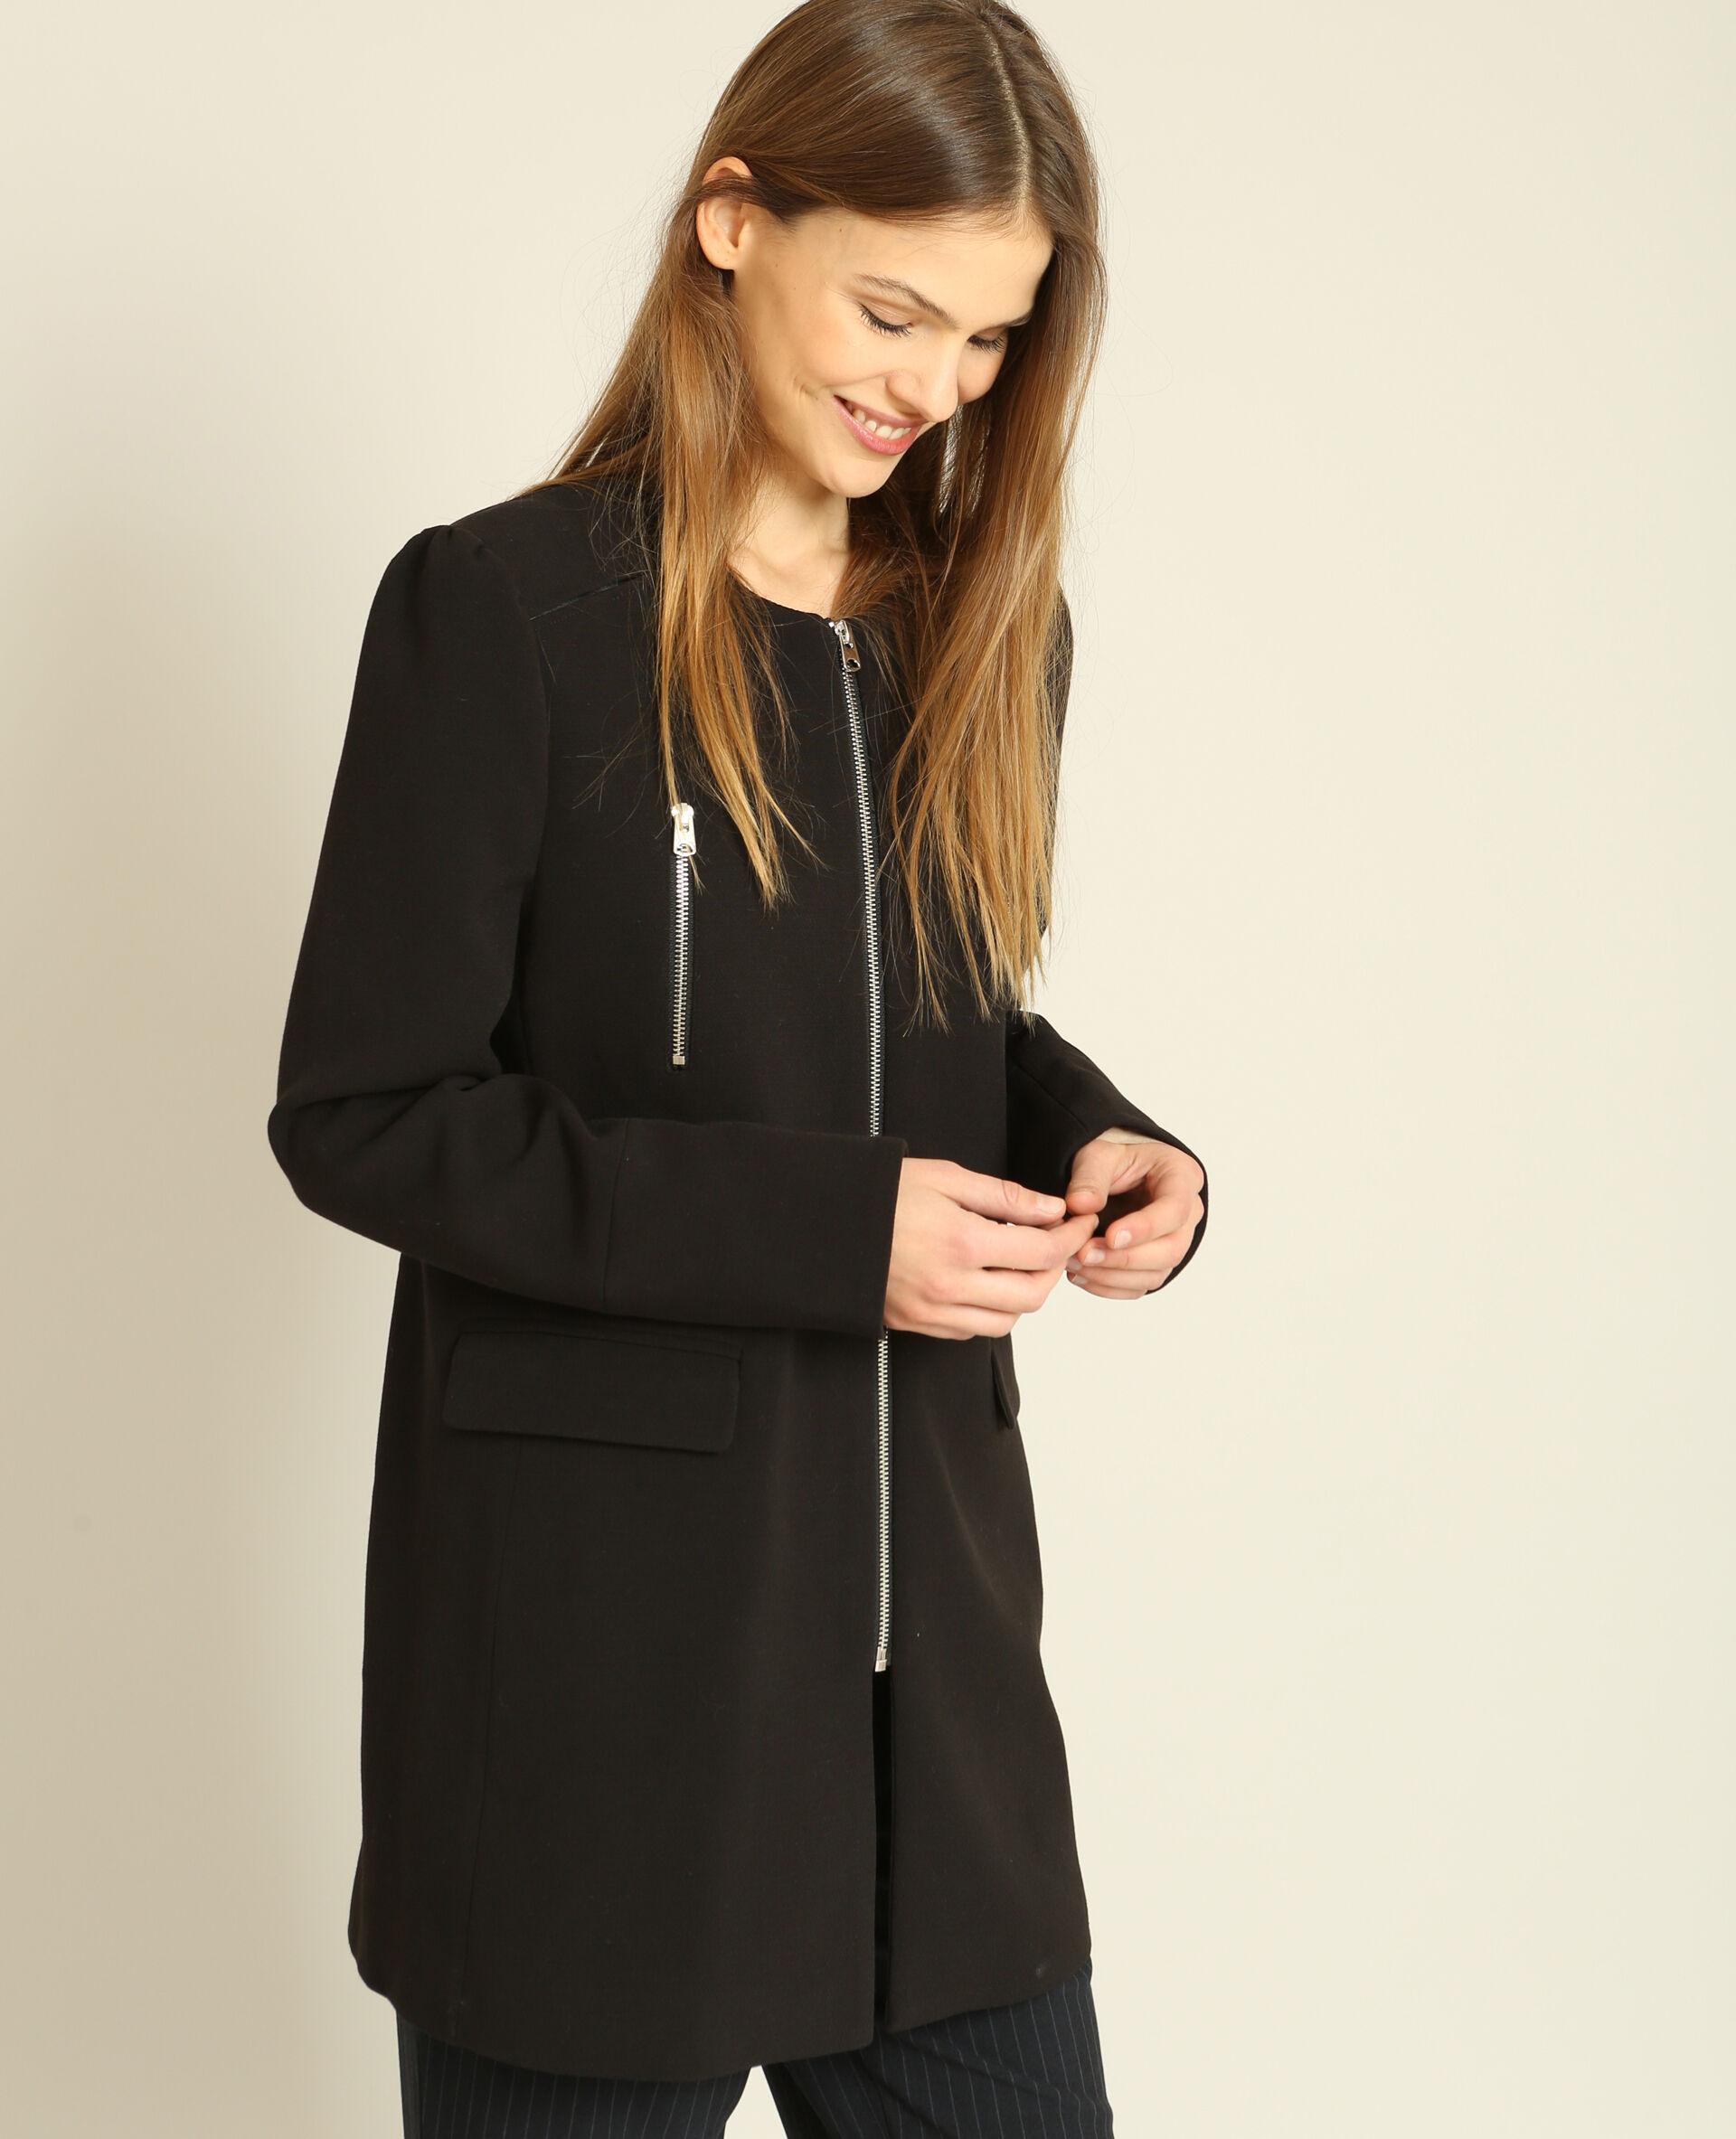 9a4adecac55f7 Liste de produits manteaux manteau et prix manteaux manteau ...